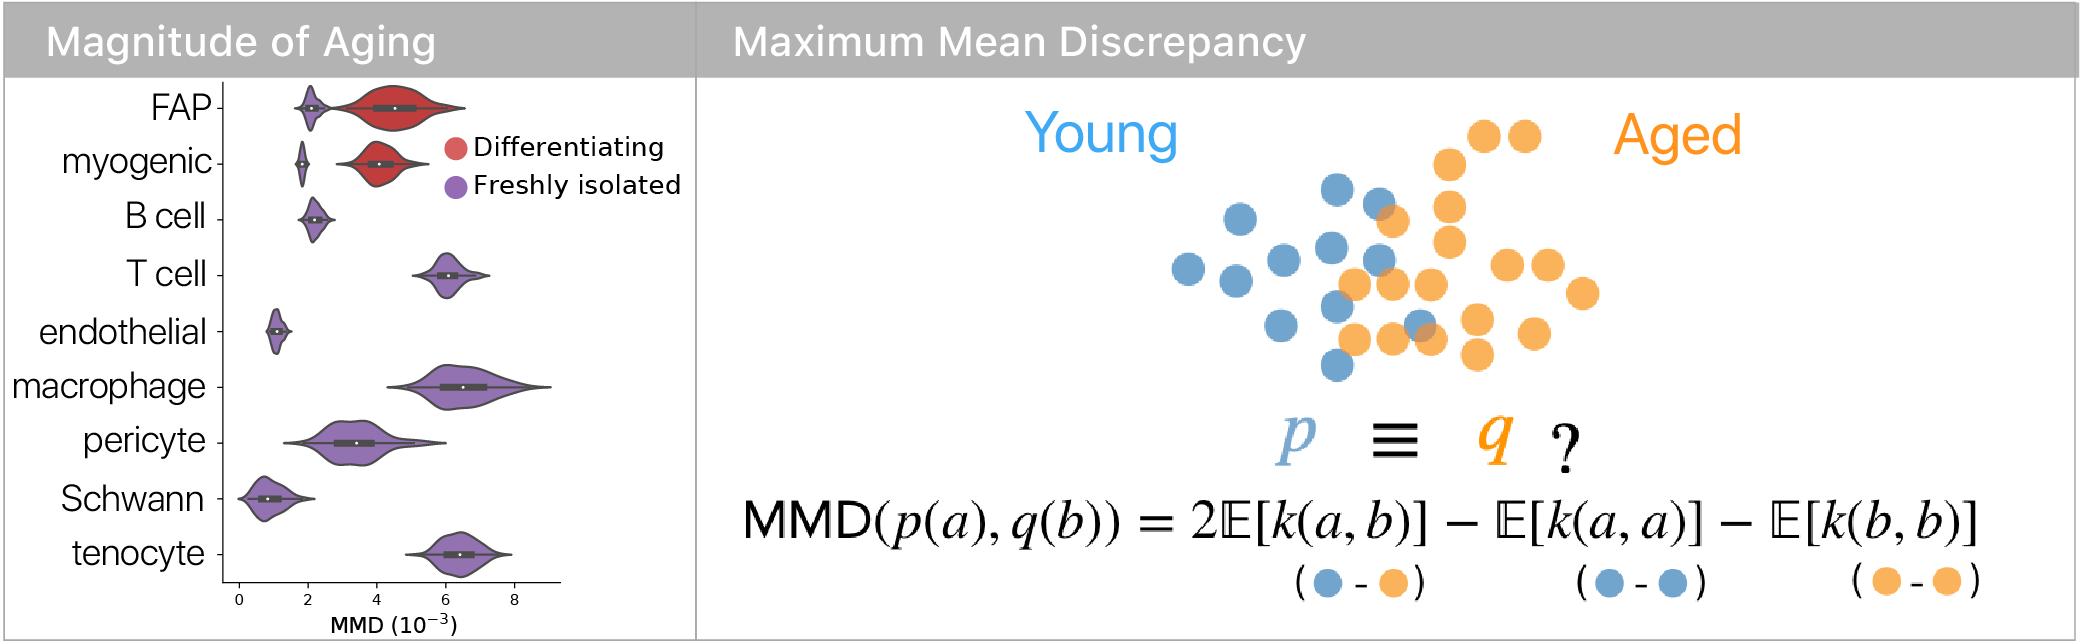 MMD comparisons